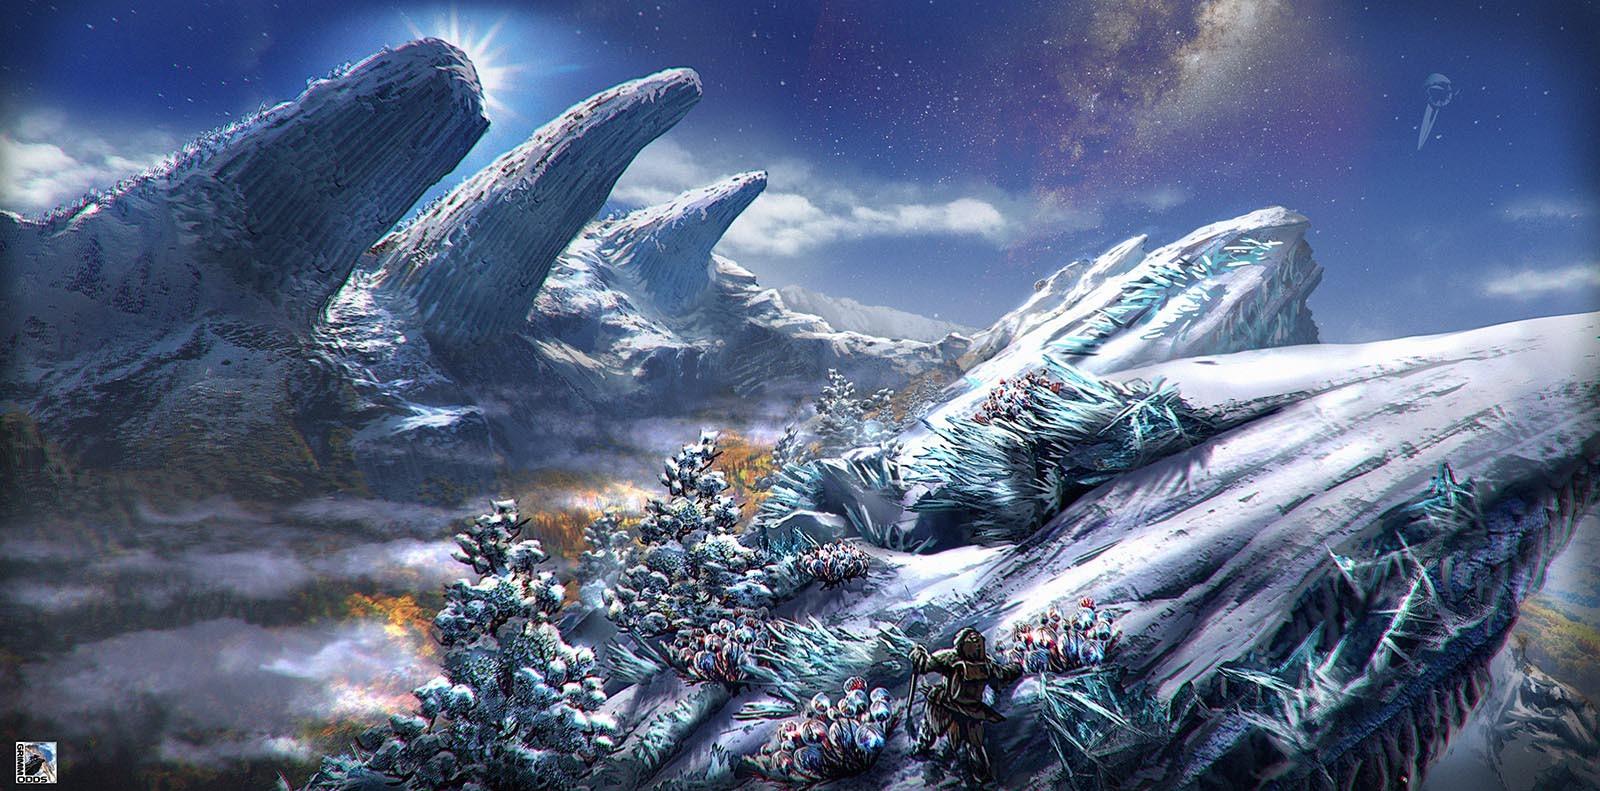 Grimm Odds - Snowy Peaks